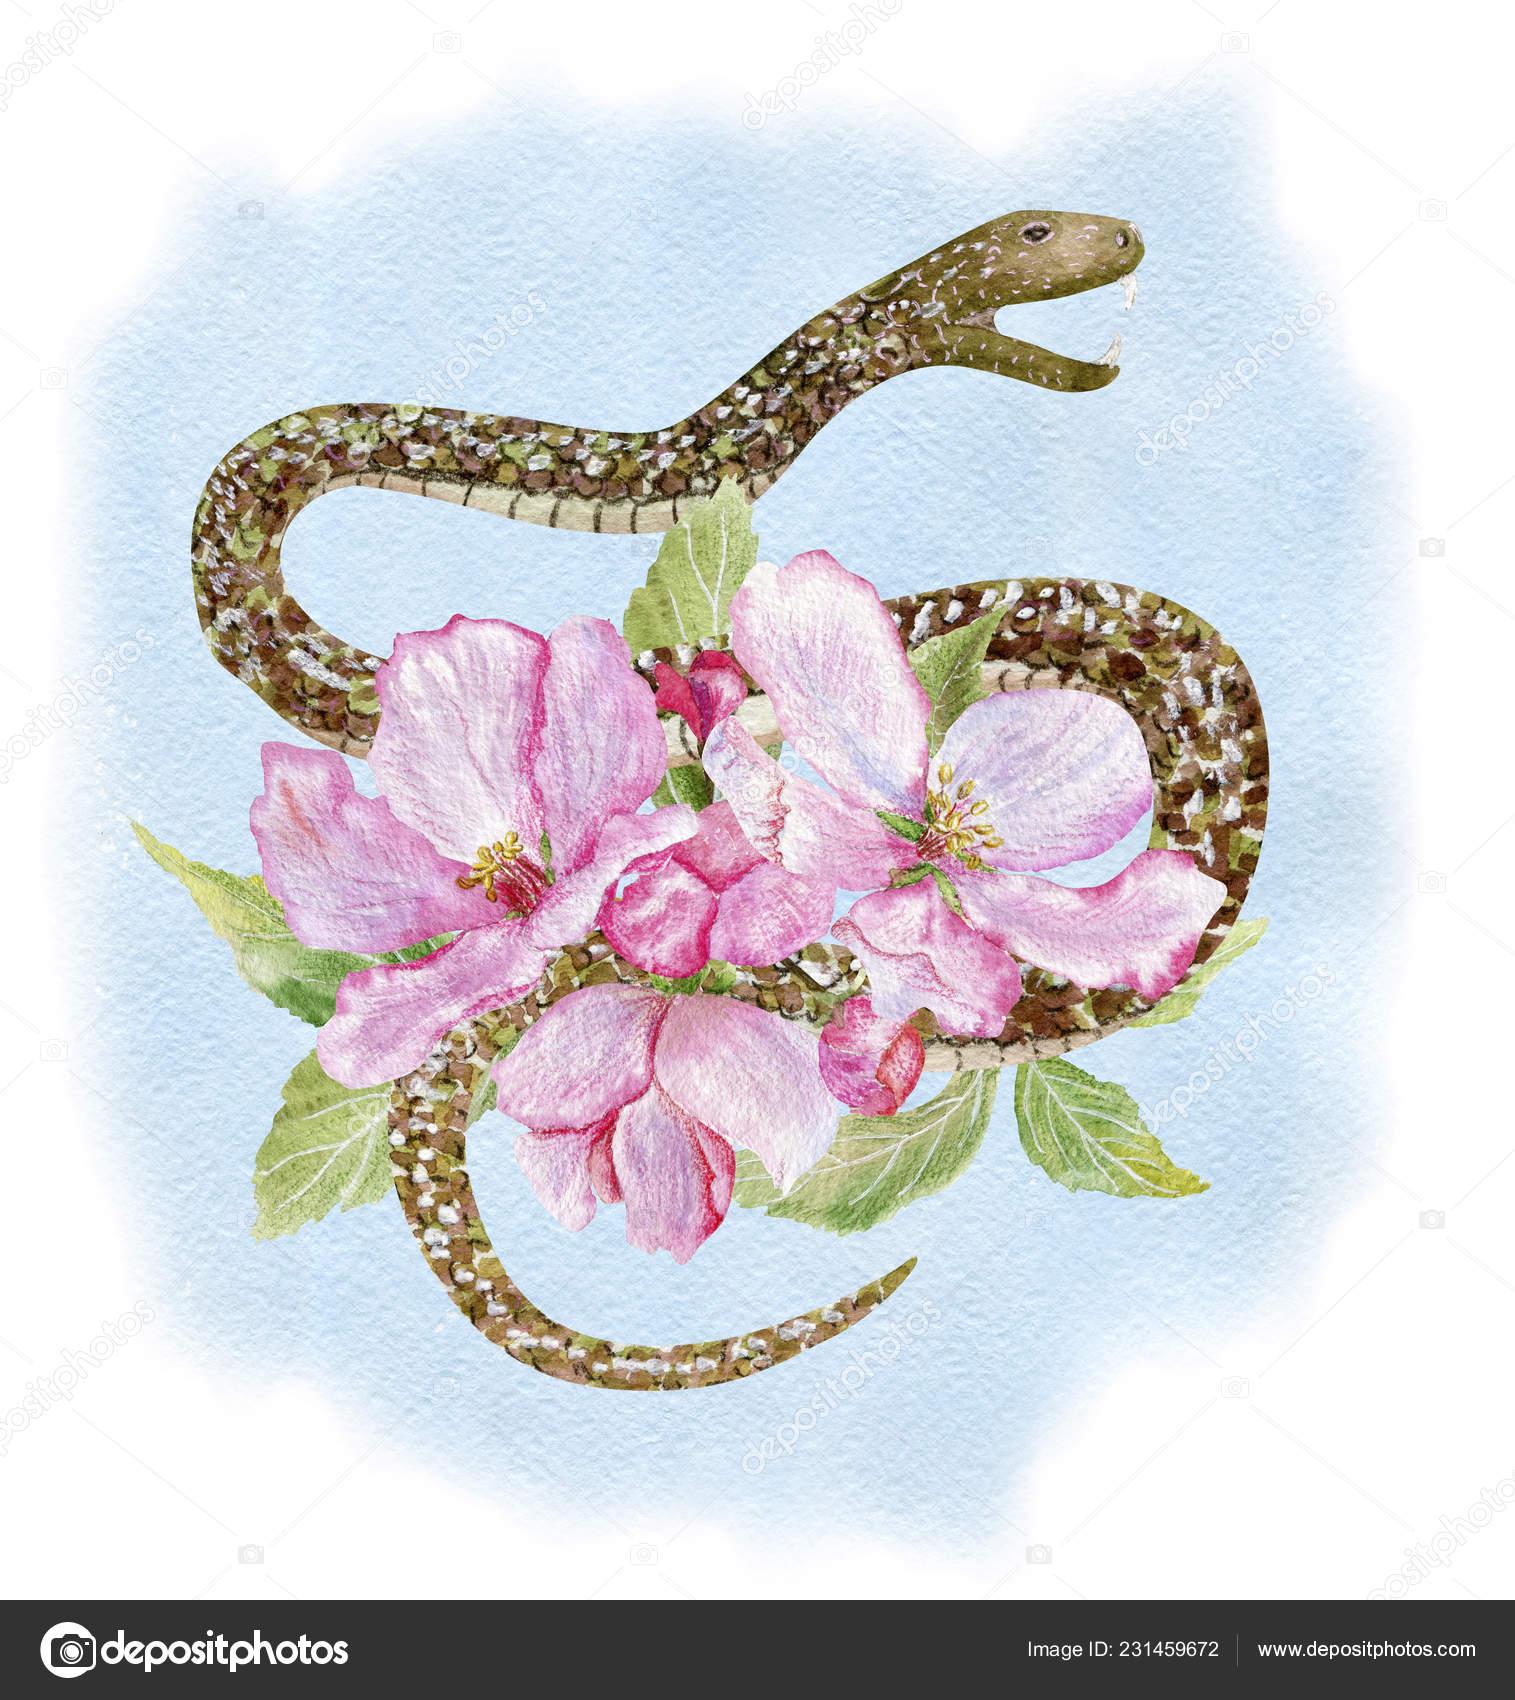 Sakura Et Serpent Bleu Photographie Kusandra C 231459672